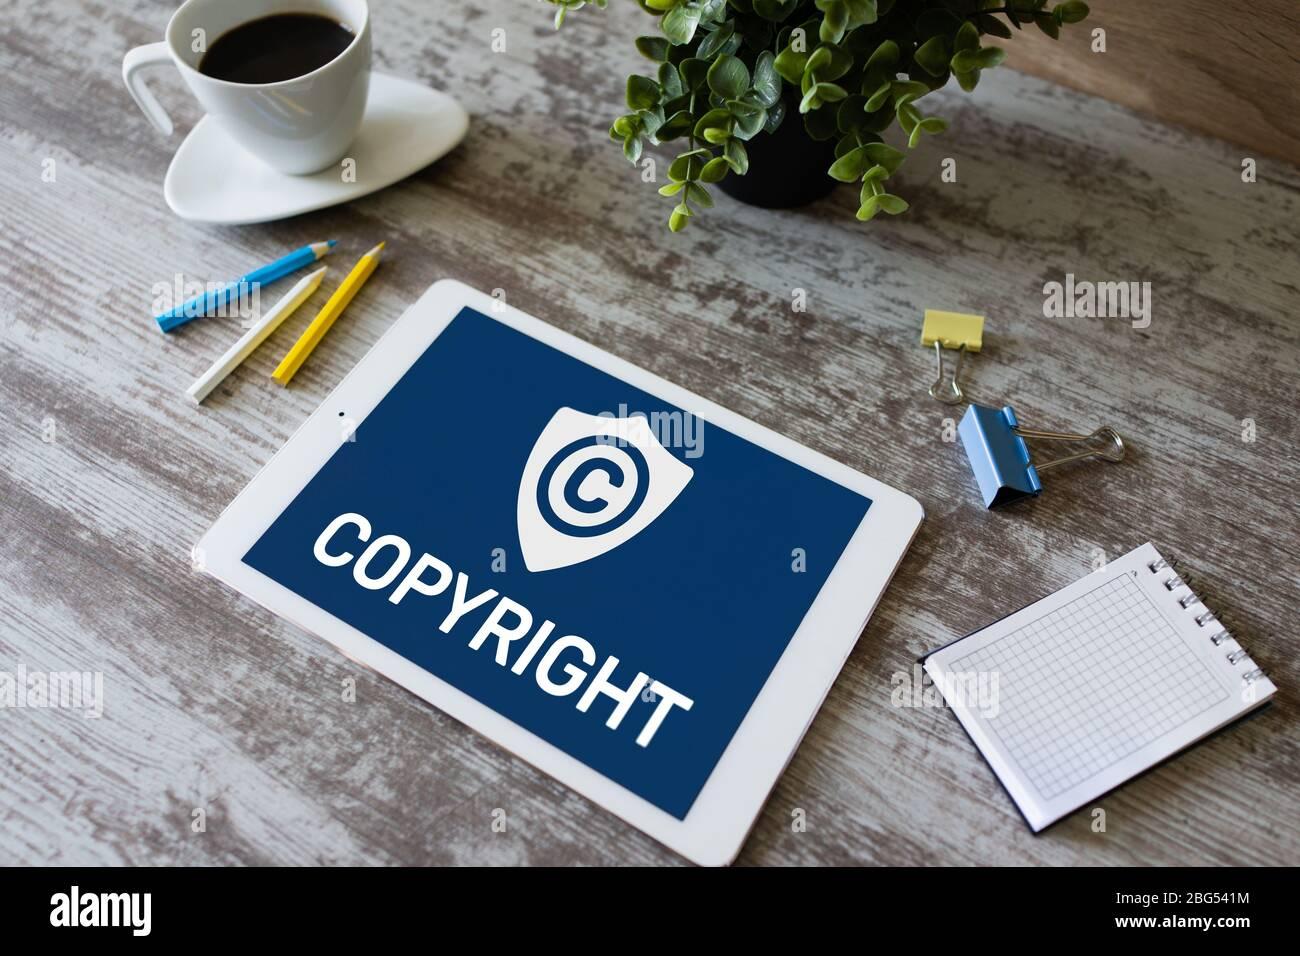 Copyright-Symbol auf dem Bildschirm. Patentrecht und geistiges Eigentum. Business-, Internet- und Technologiekonzept Stockfoto